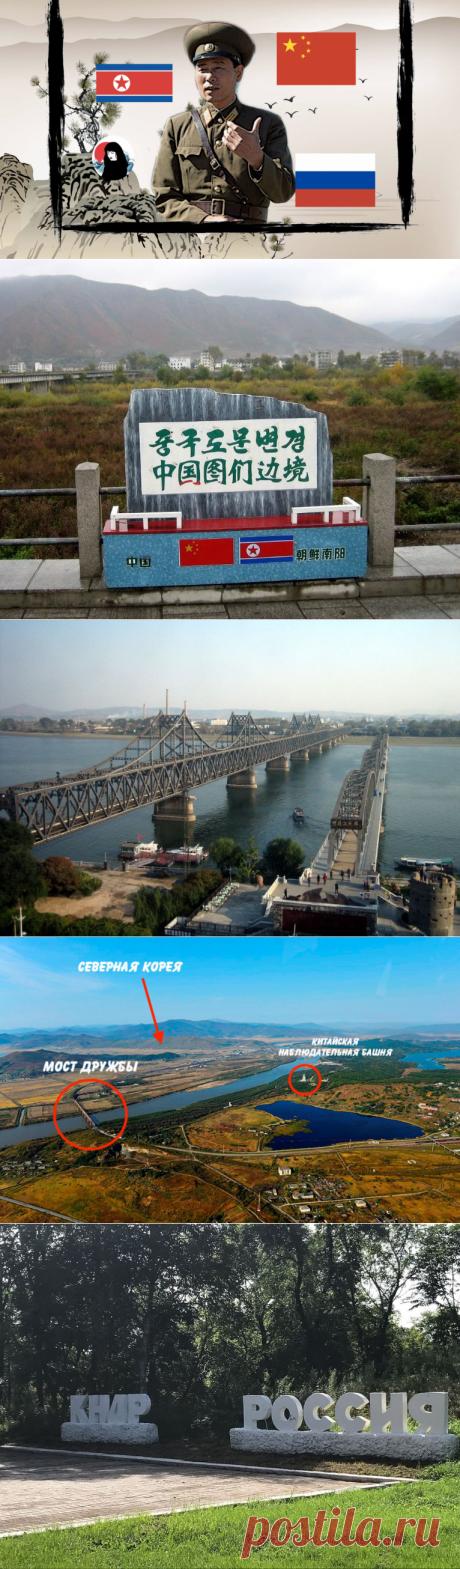 Как выглядят границы самой закрытой страны мира (КНДР) с Китаем и Россией | Катана про Азию | Яндекс Дзен